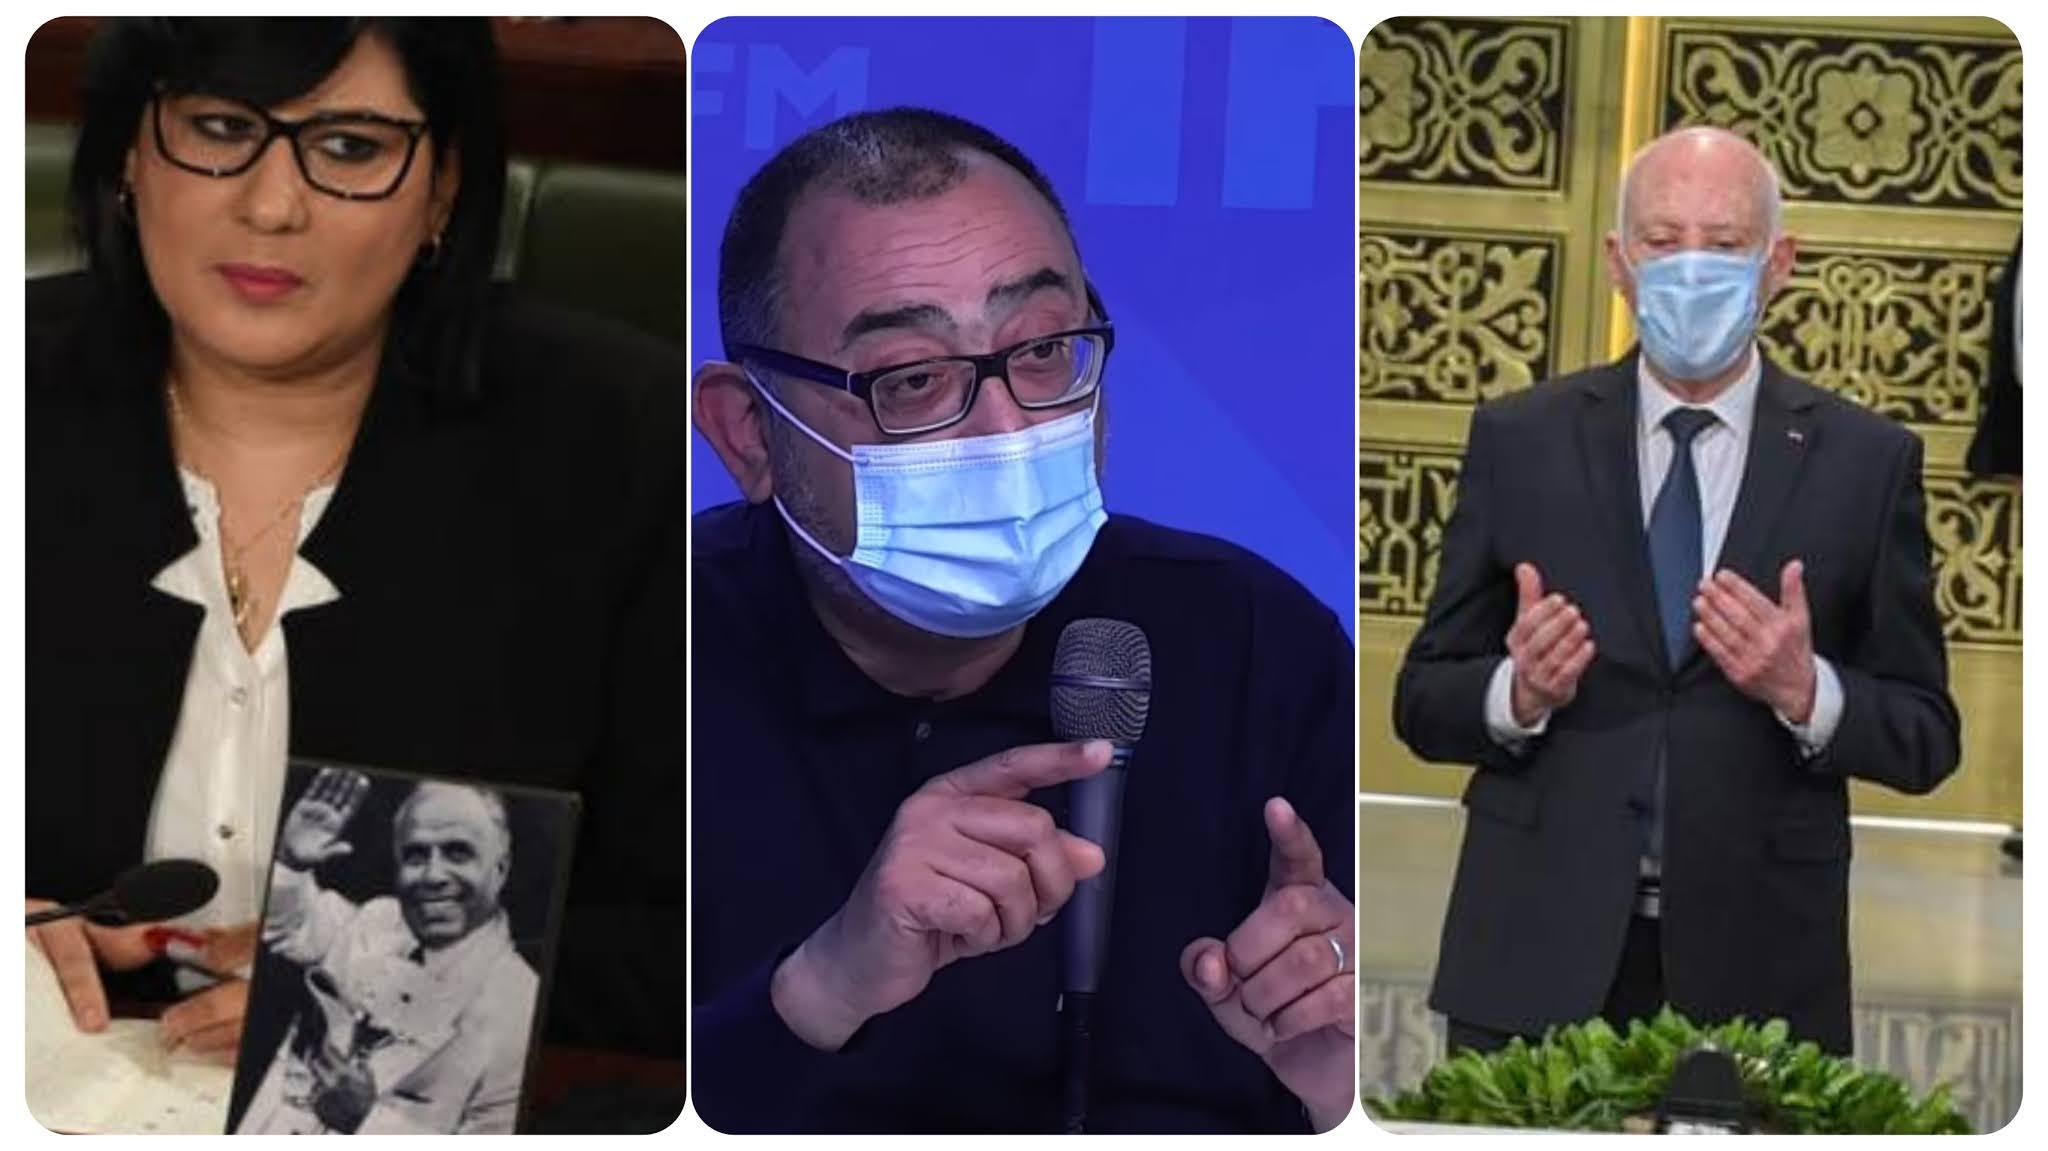 بالفيديو سفيان بن حميدة قيس سعيد هو و عبير موسي من اكبر المنافقين يستعمل في بورقيبة لزيادة شعبيتهم